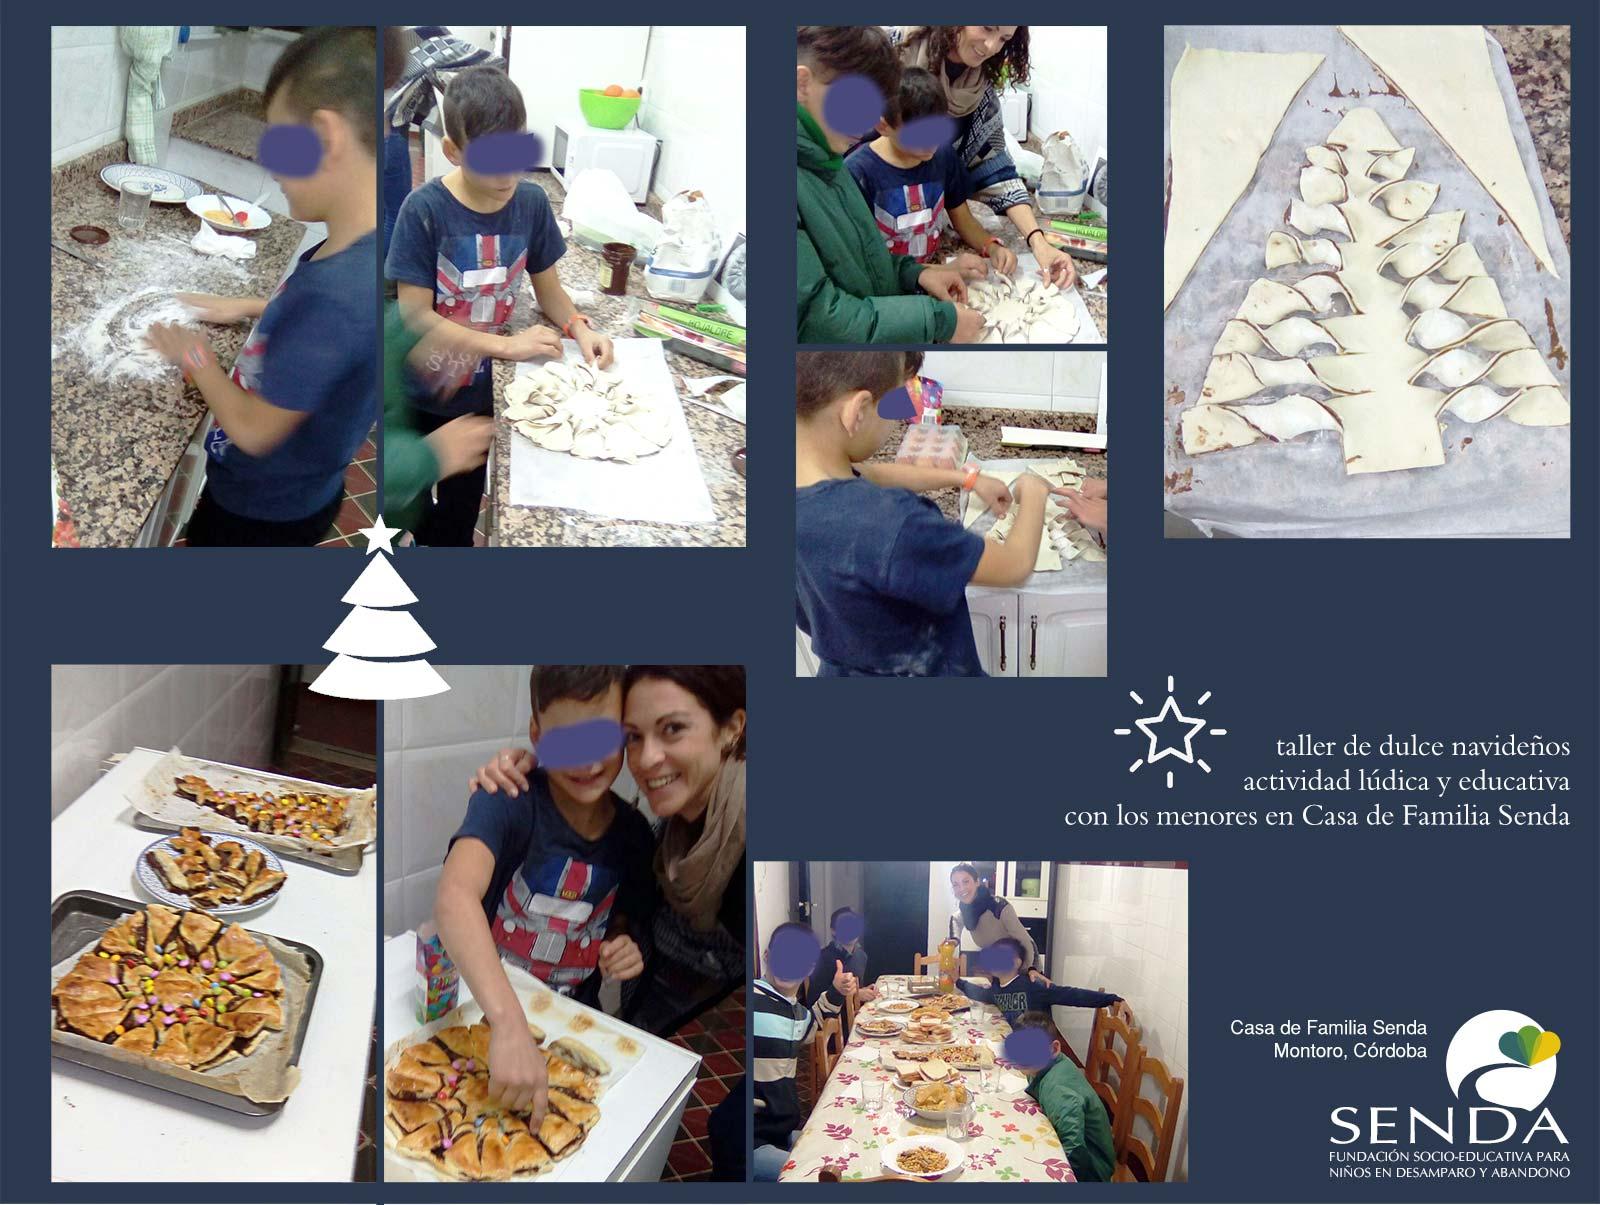 talleres educativos dulces navideños Casa de Familia Senda Montoro